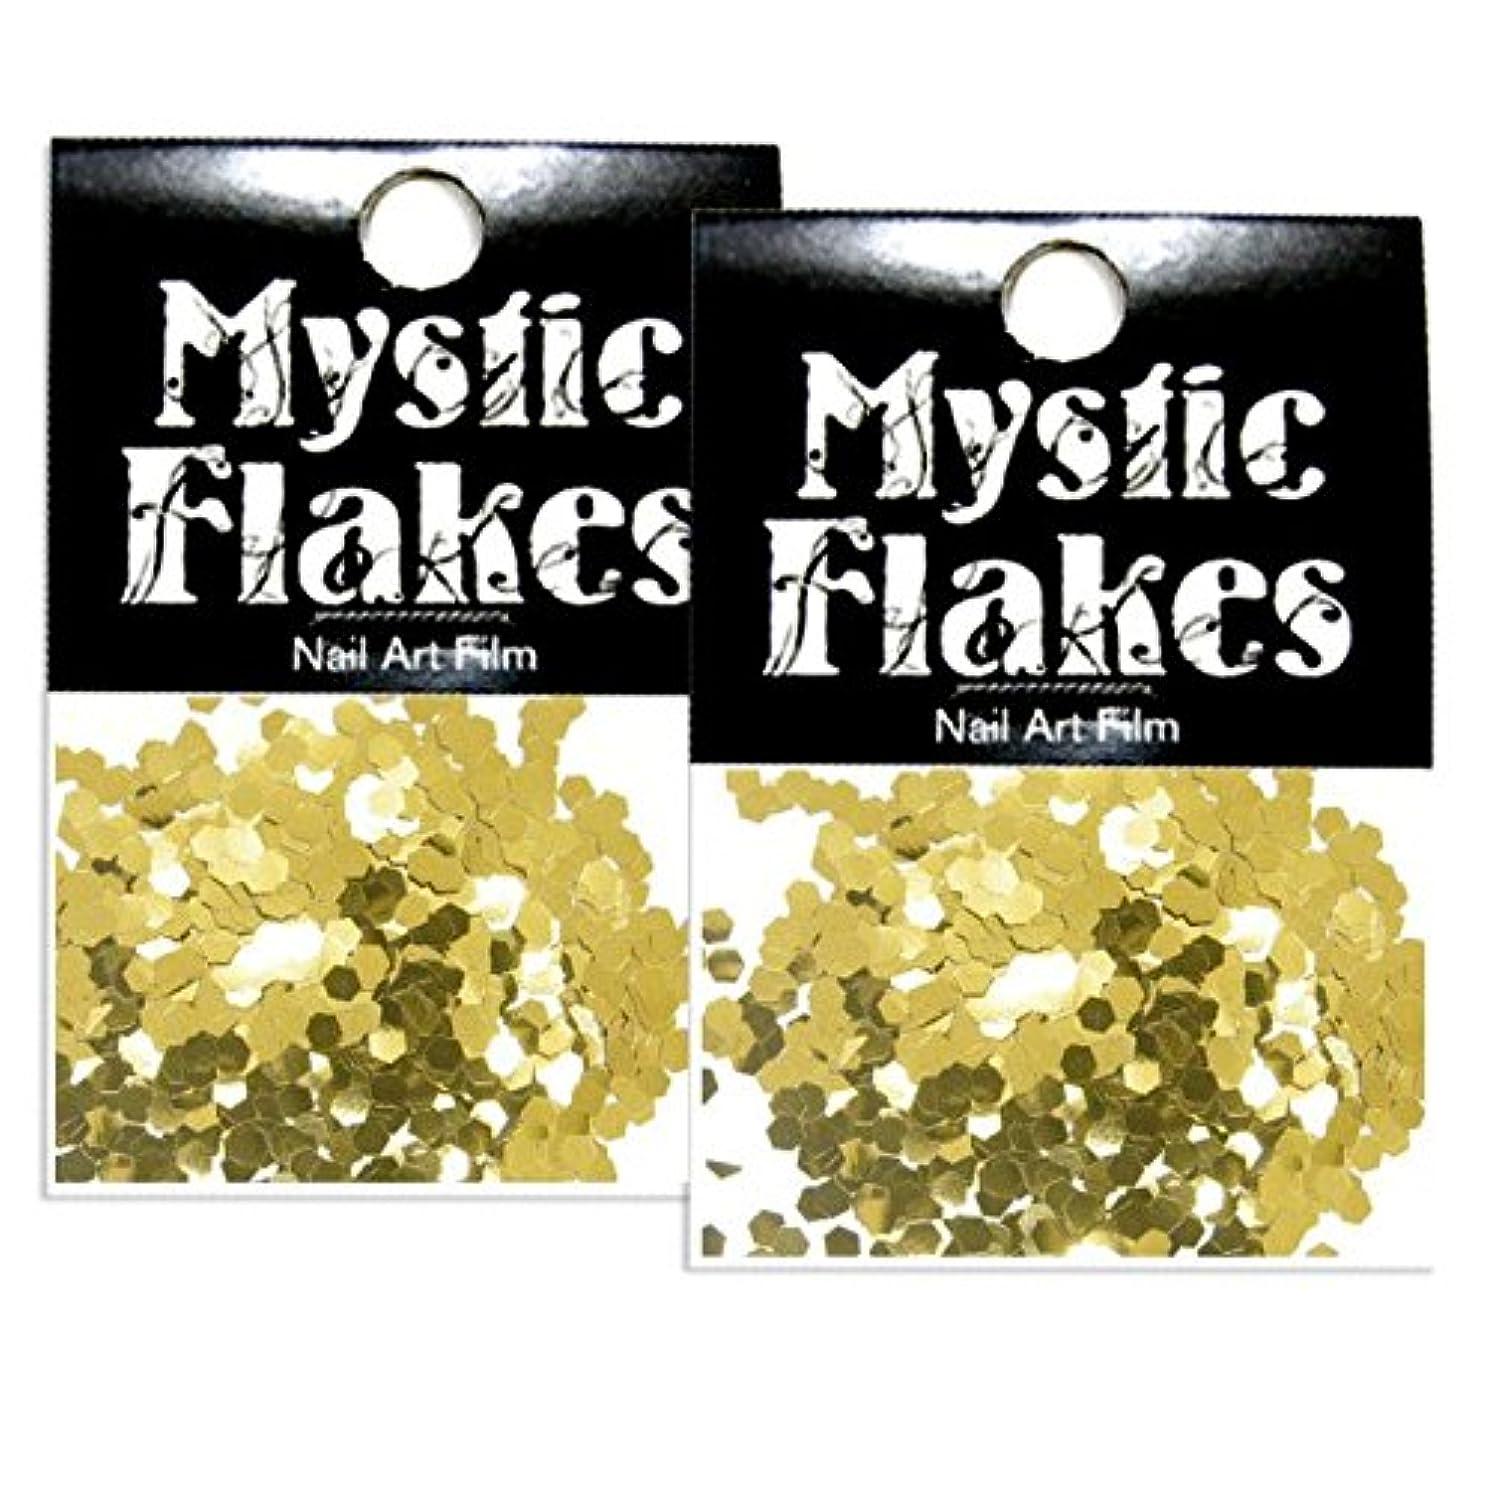 剃る作詞家ヘッドレスミスティックフレース ネイル用ストーン メタリックLG ヘキサゴン 2.5mm 0.5g 2個セット